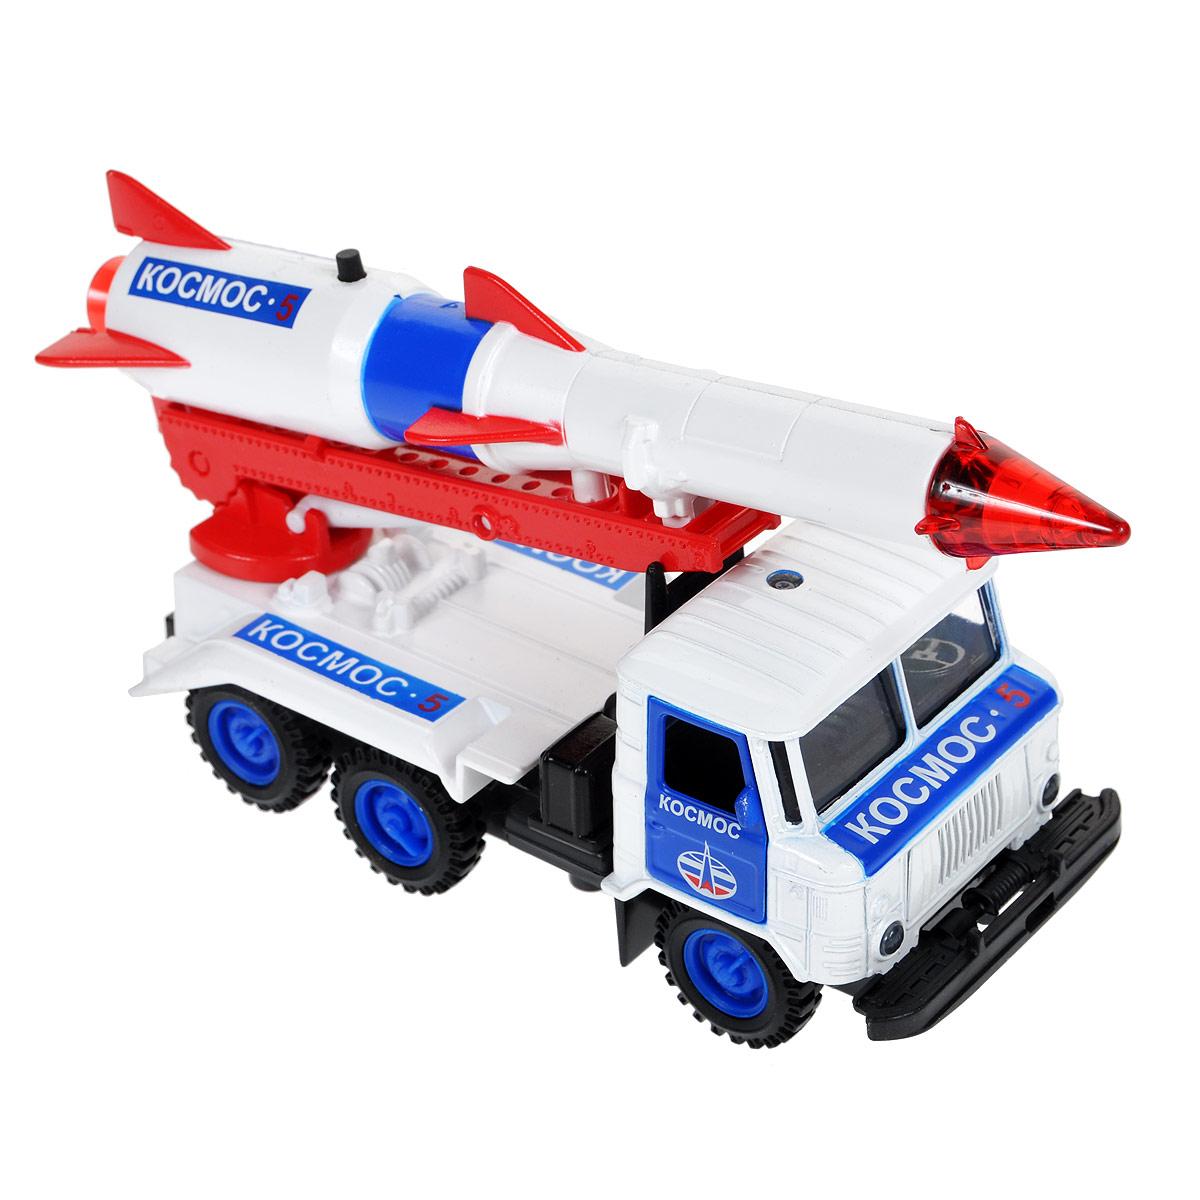 ТехноПарк Машинка инерционная ГАЗ 66 с ракетой Космос